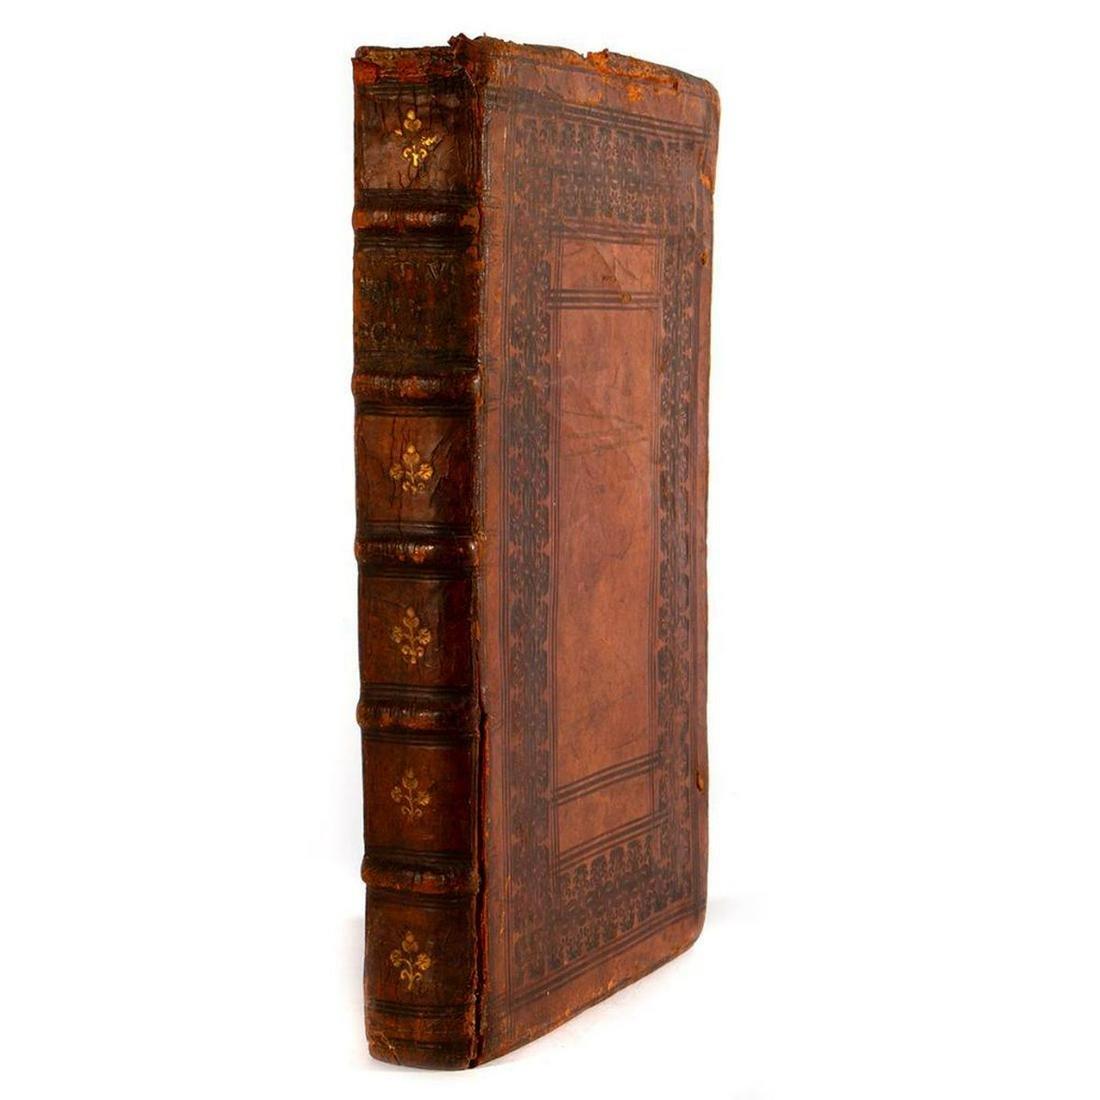 Guilielmi Estii Annotationes in Scripturam Sacram